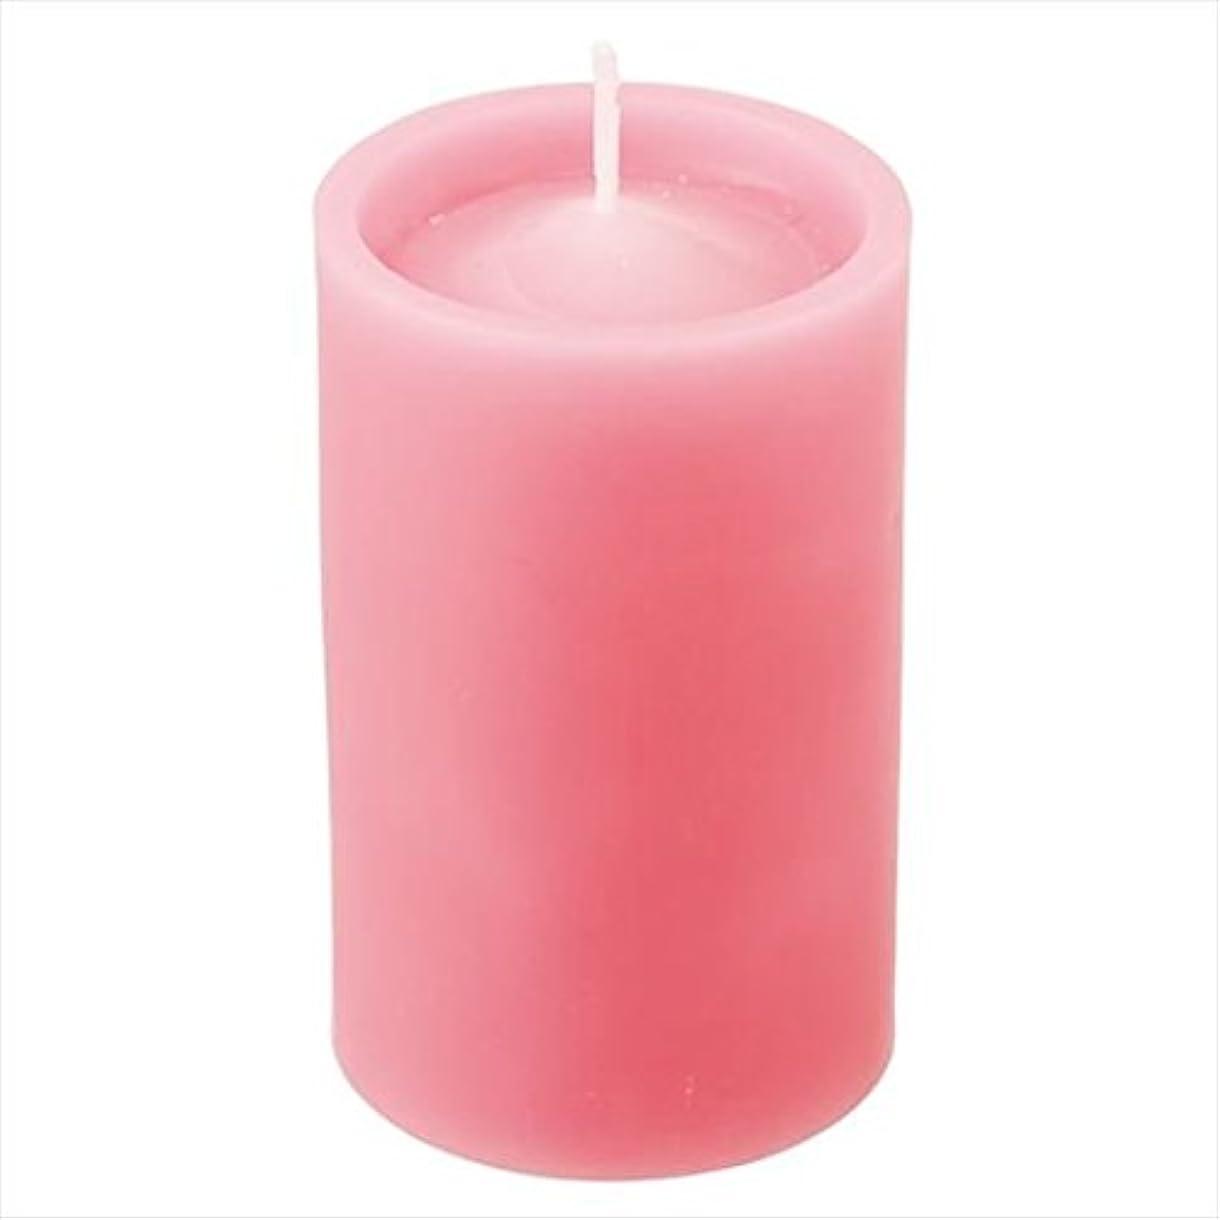 ドレインピグマリオン袋kameyama candle(カメヤマキャンドル) ロイヤルラウンド60 「 ダークピンク 」 キャンドル 60x60x100mm (52750000DP)